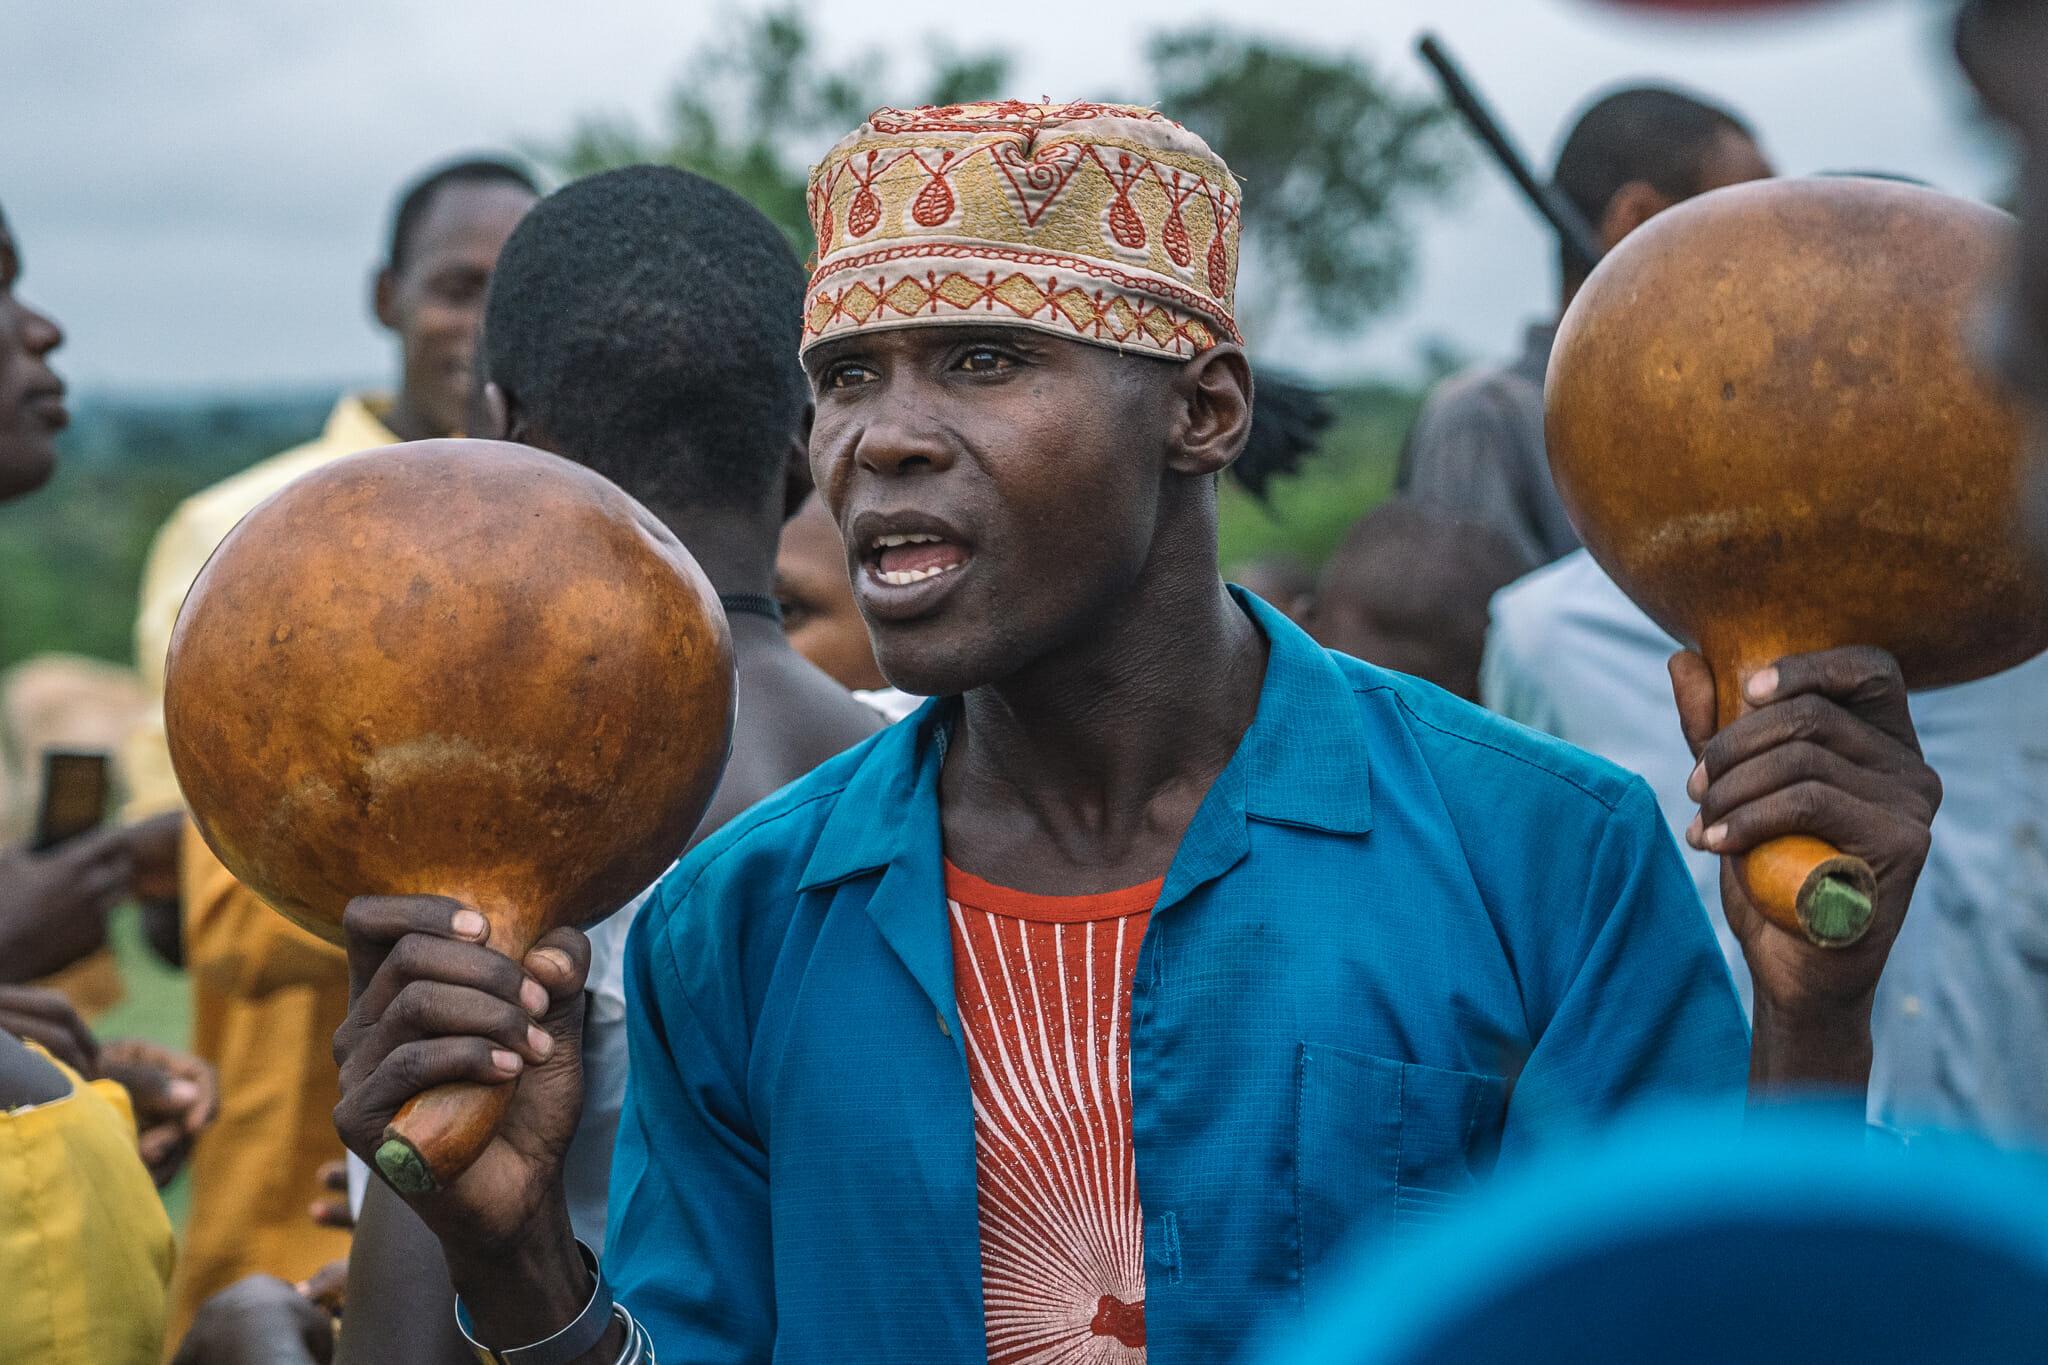 Moment de partage avec la communauté des Kurias dans le village de Nyamburi en Tanzanie